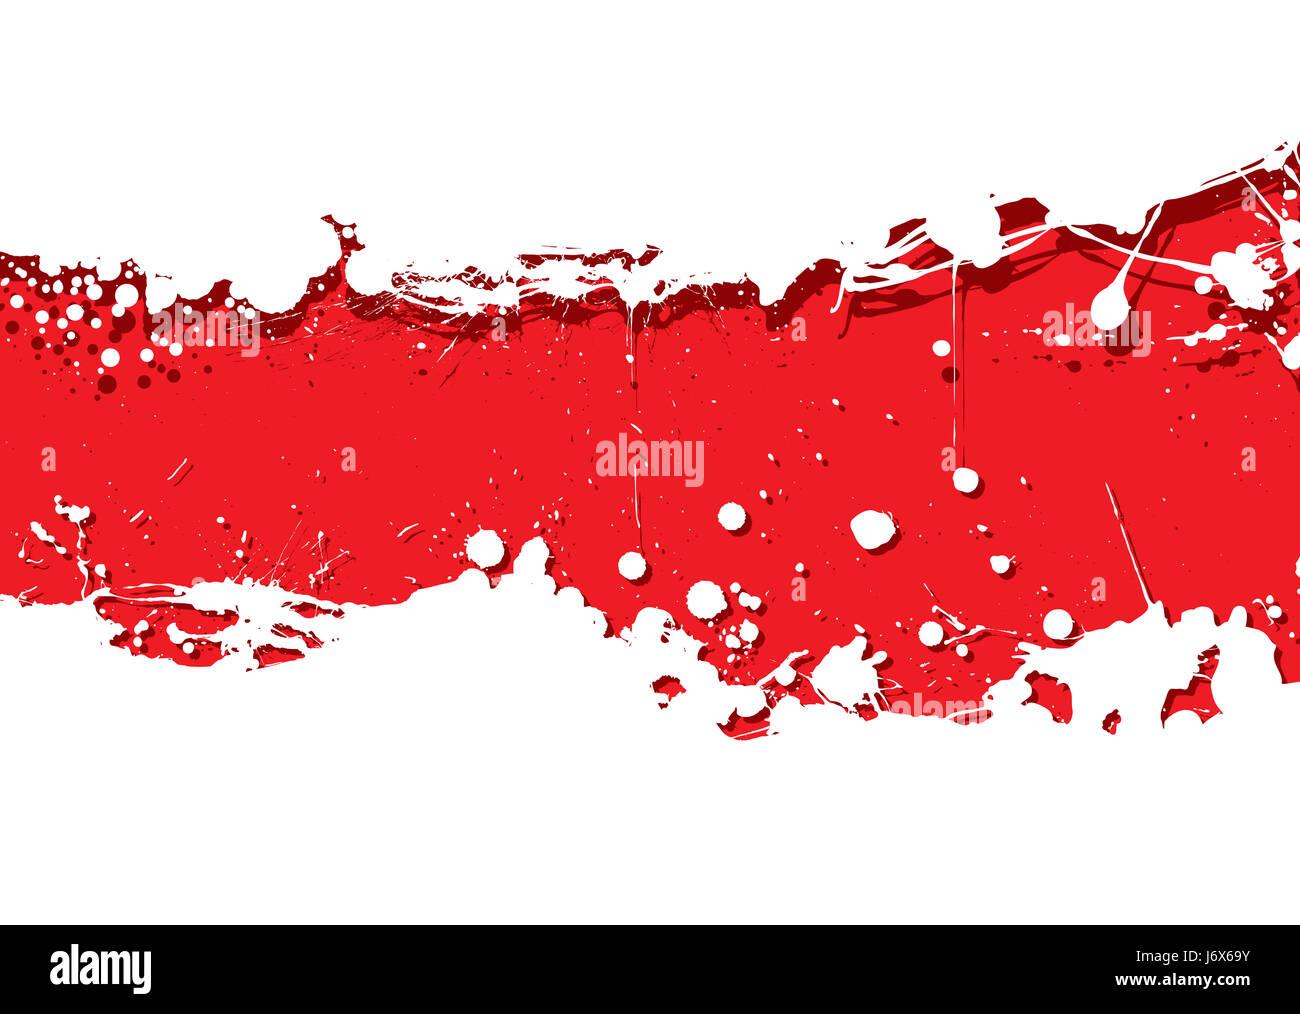 Banner Macchia Astratta Sfondo Sfondo Bianco Rosso Isolato Il Design